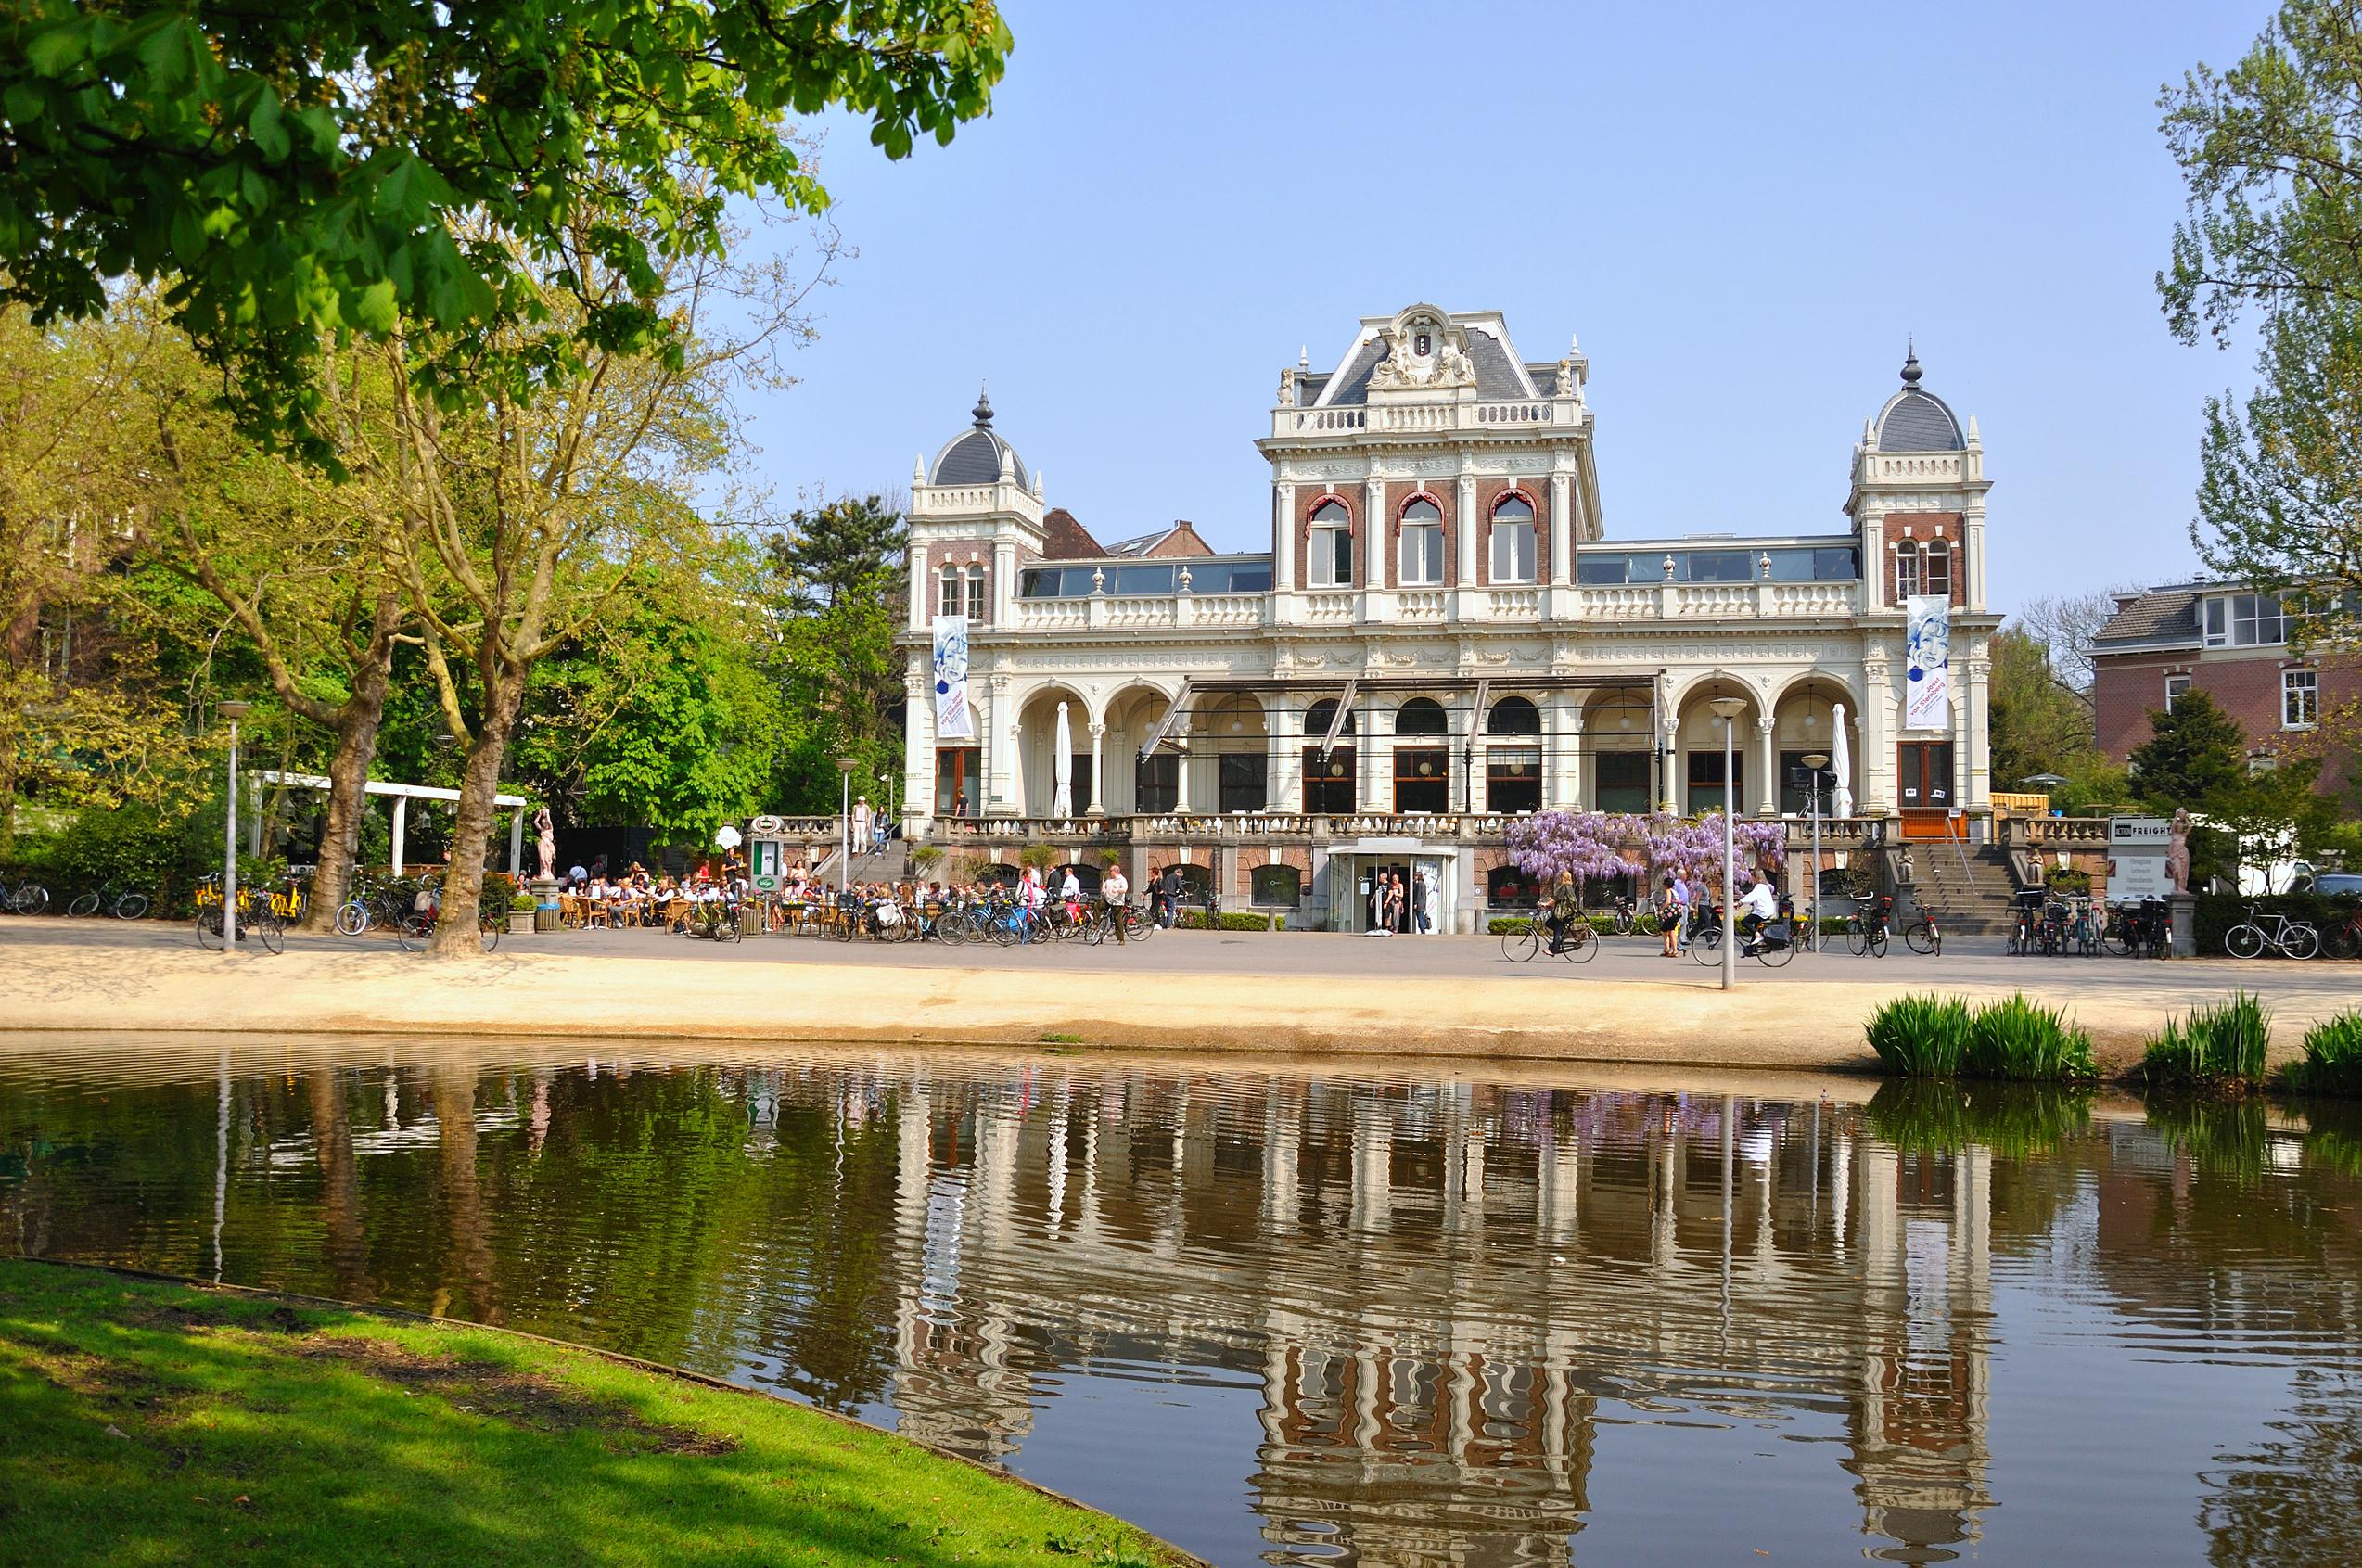 Todo el arte está en Ámsterdam - Holanda Circuito Escápate a Ámsterdam